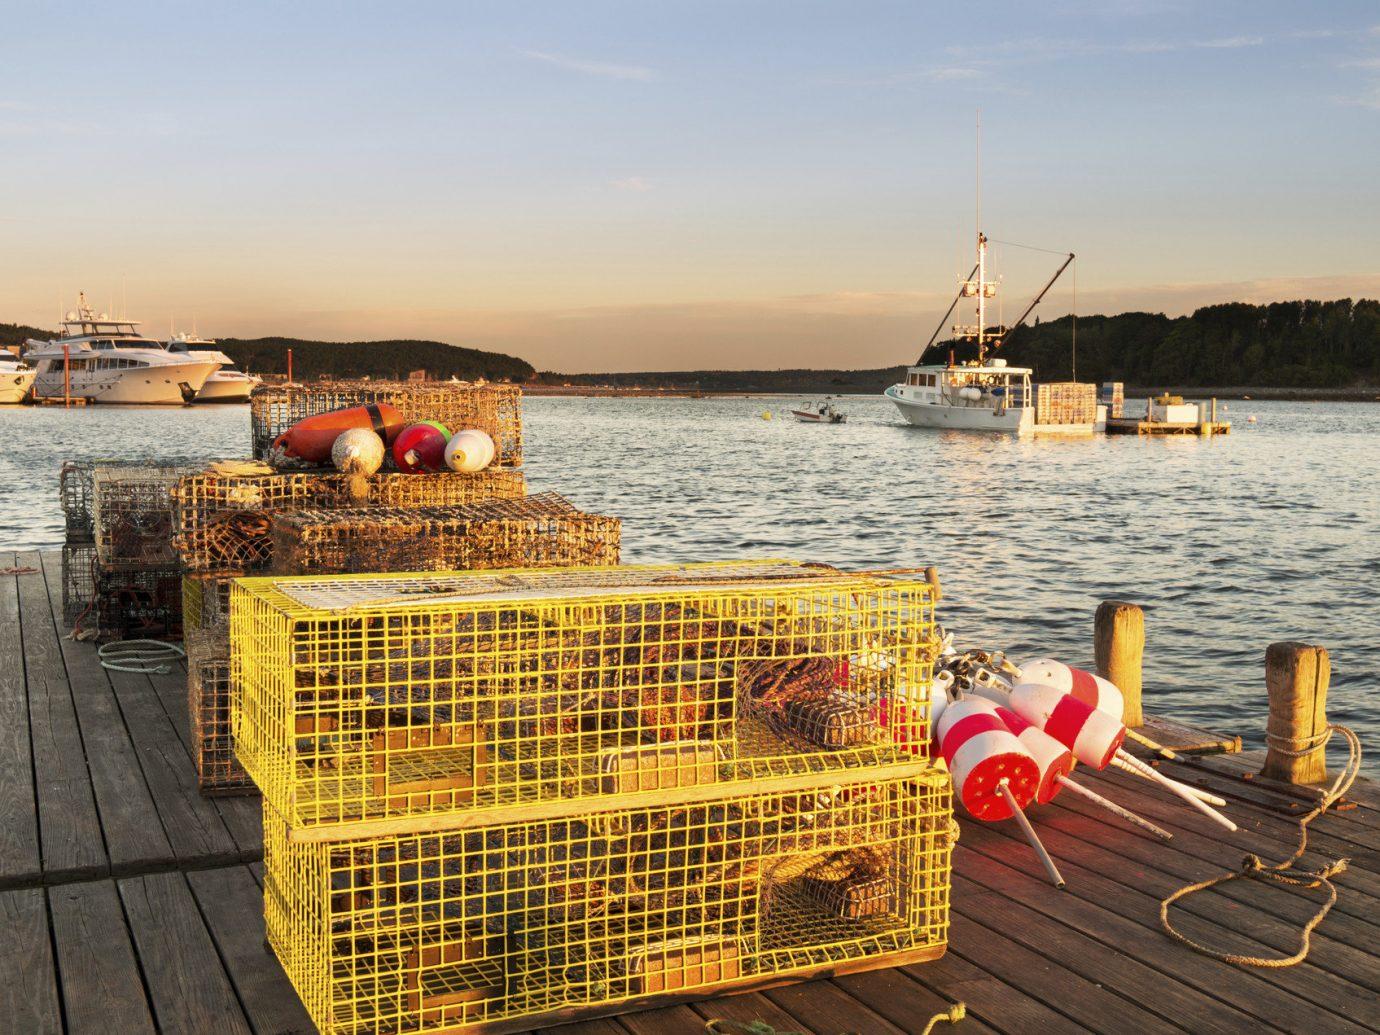 Romance Trip Ideas Weekend Getaways sky water outdoor pier Boat dock Sea vehicle vacation wooden Coast Harbor overlooking net